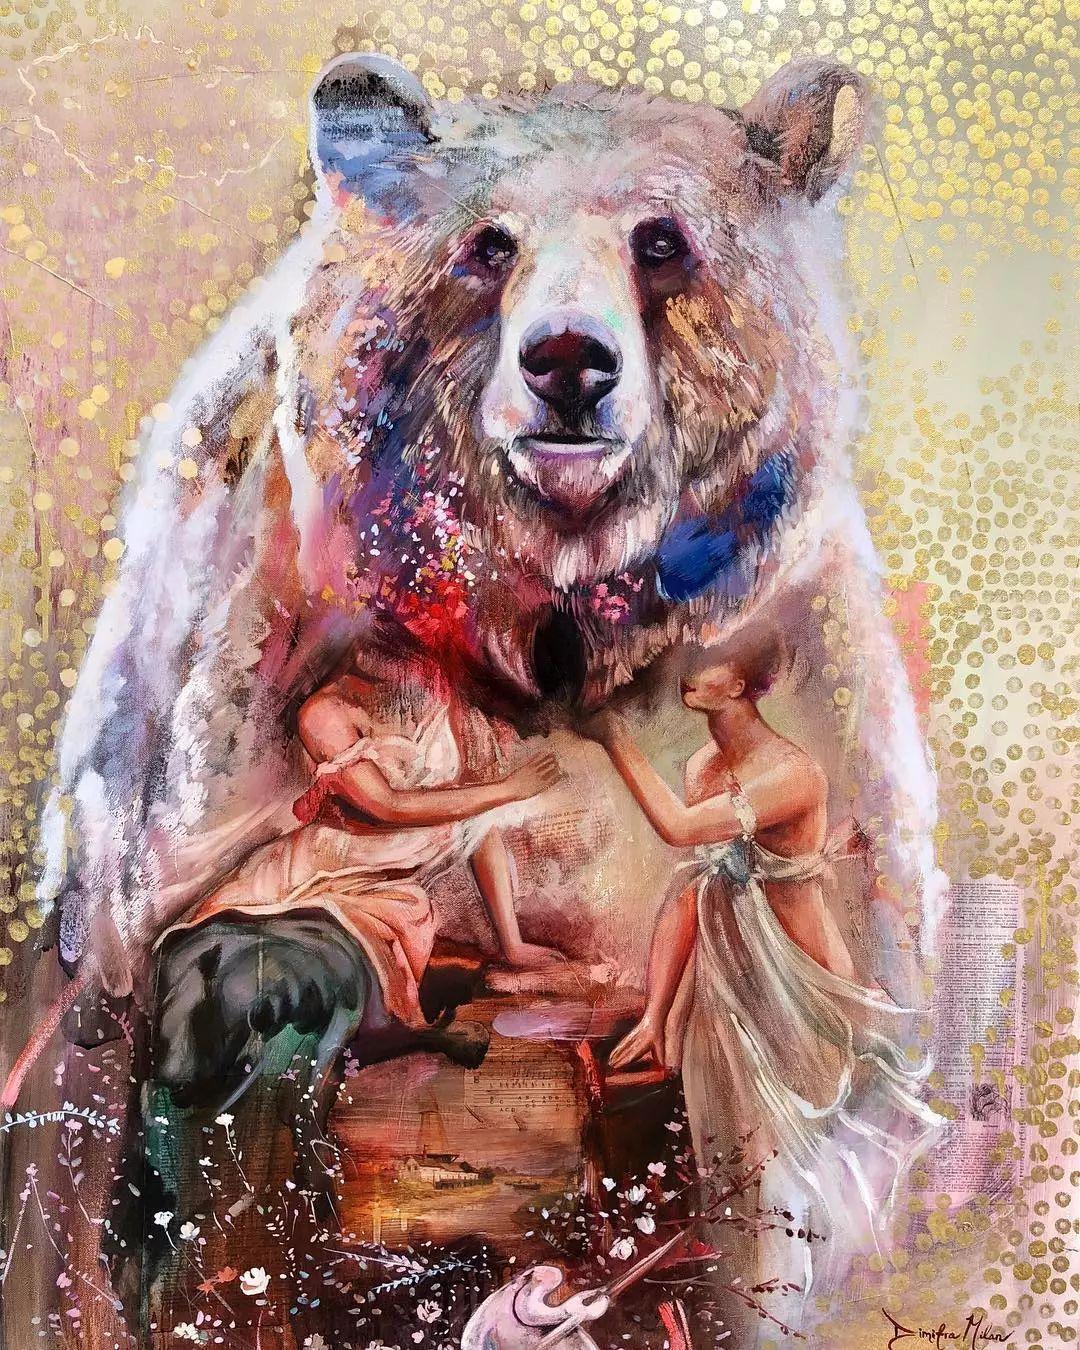 12岁开始画画 16岁就卖画赚100万——希腊小画家Dimitra Milan插图58